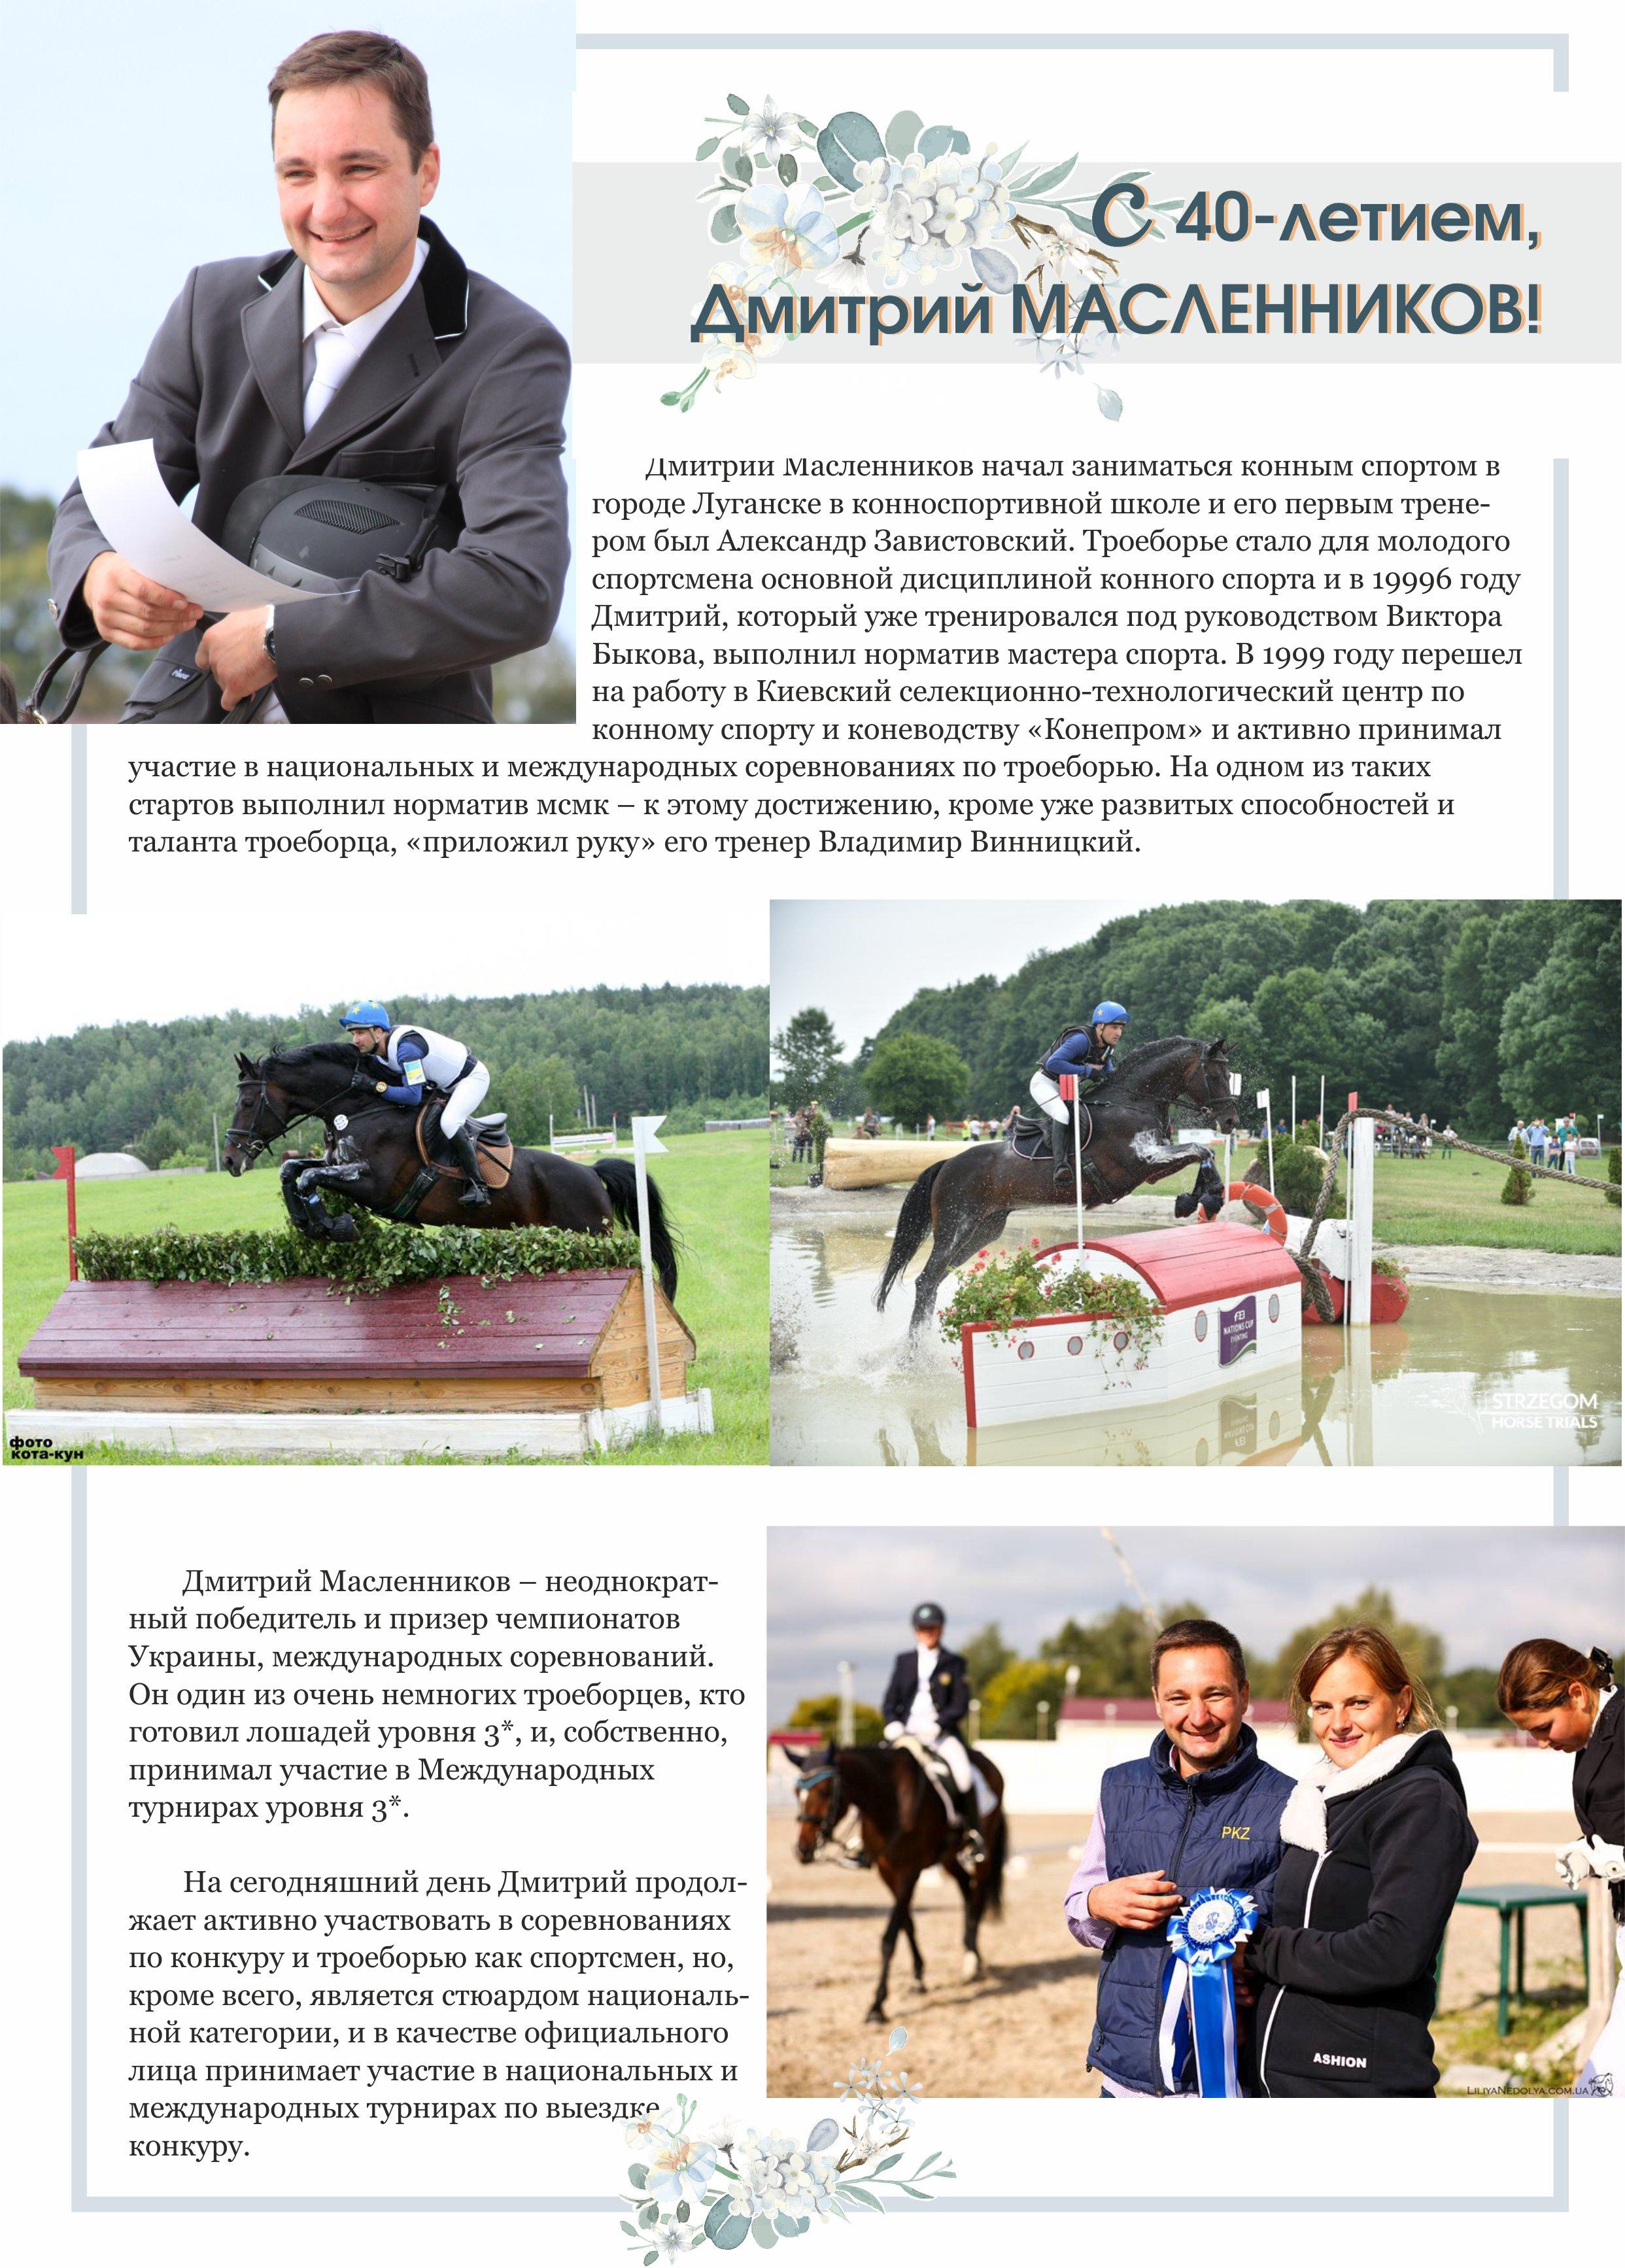 Поздравляем с ЮБИЛЕЕМ Дмитрия Масленникова!